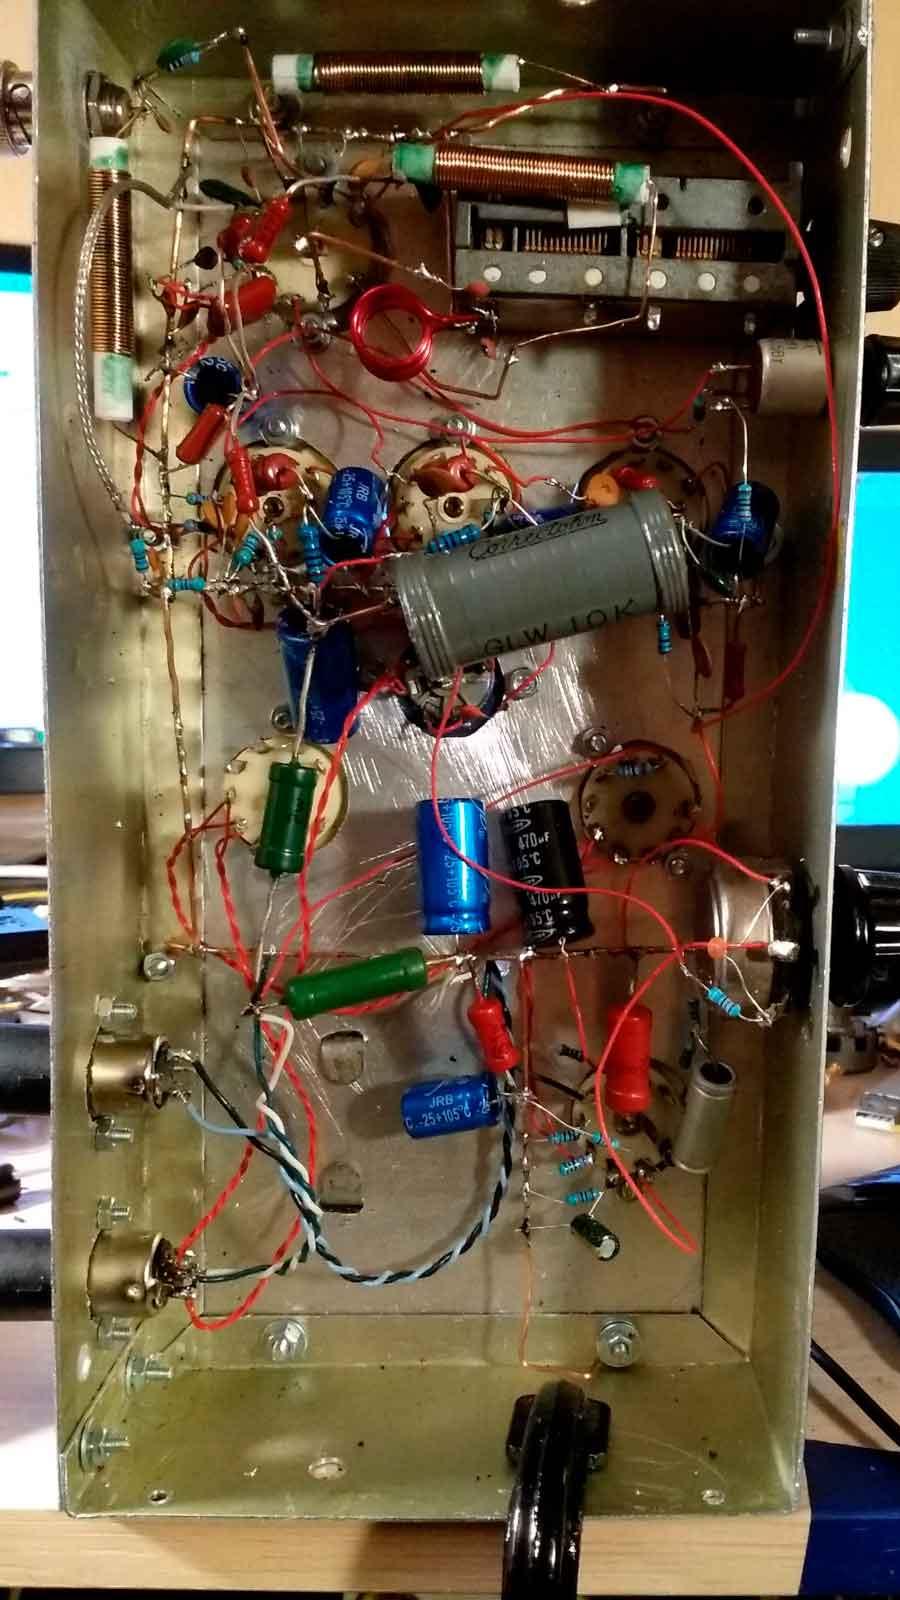 FM-радиоприемник на лампах. Вид снизу.